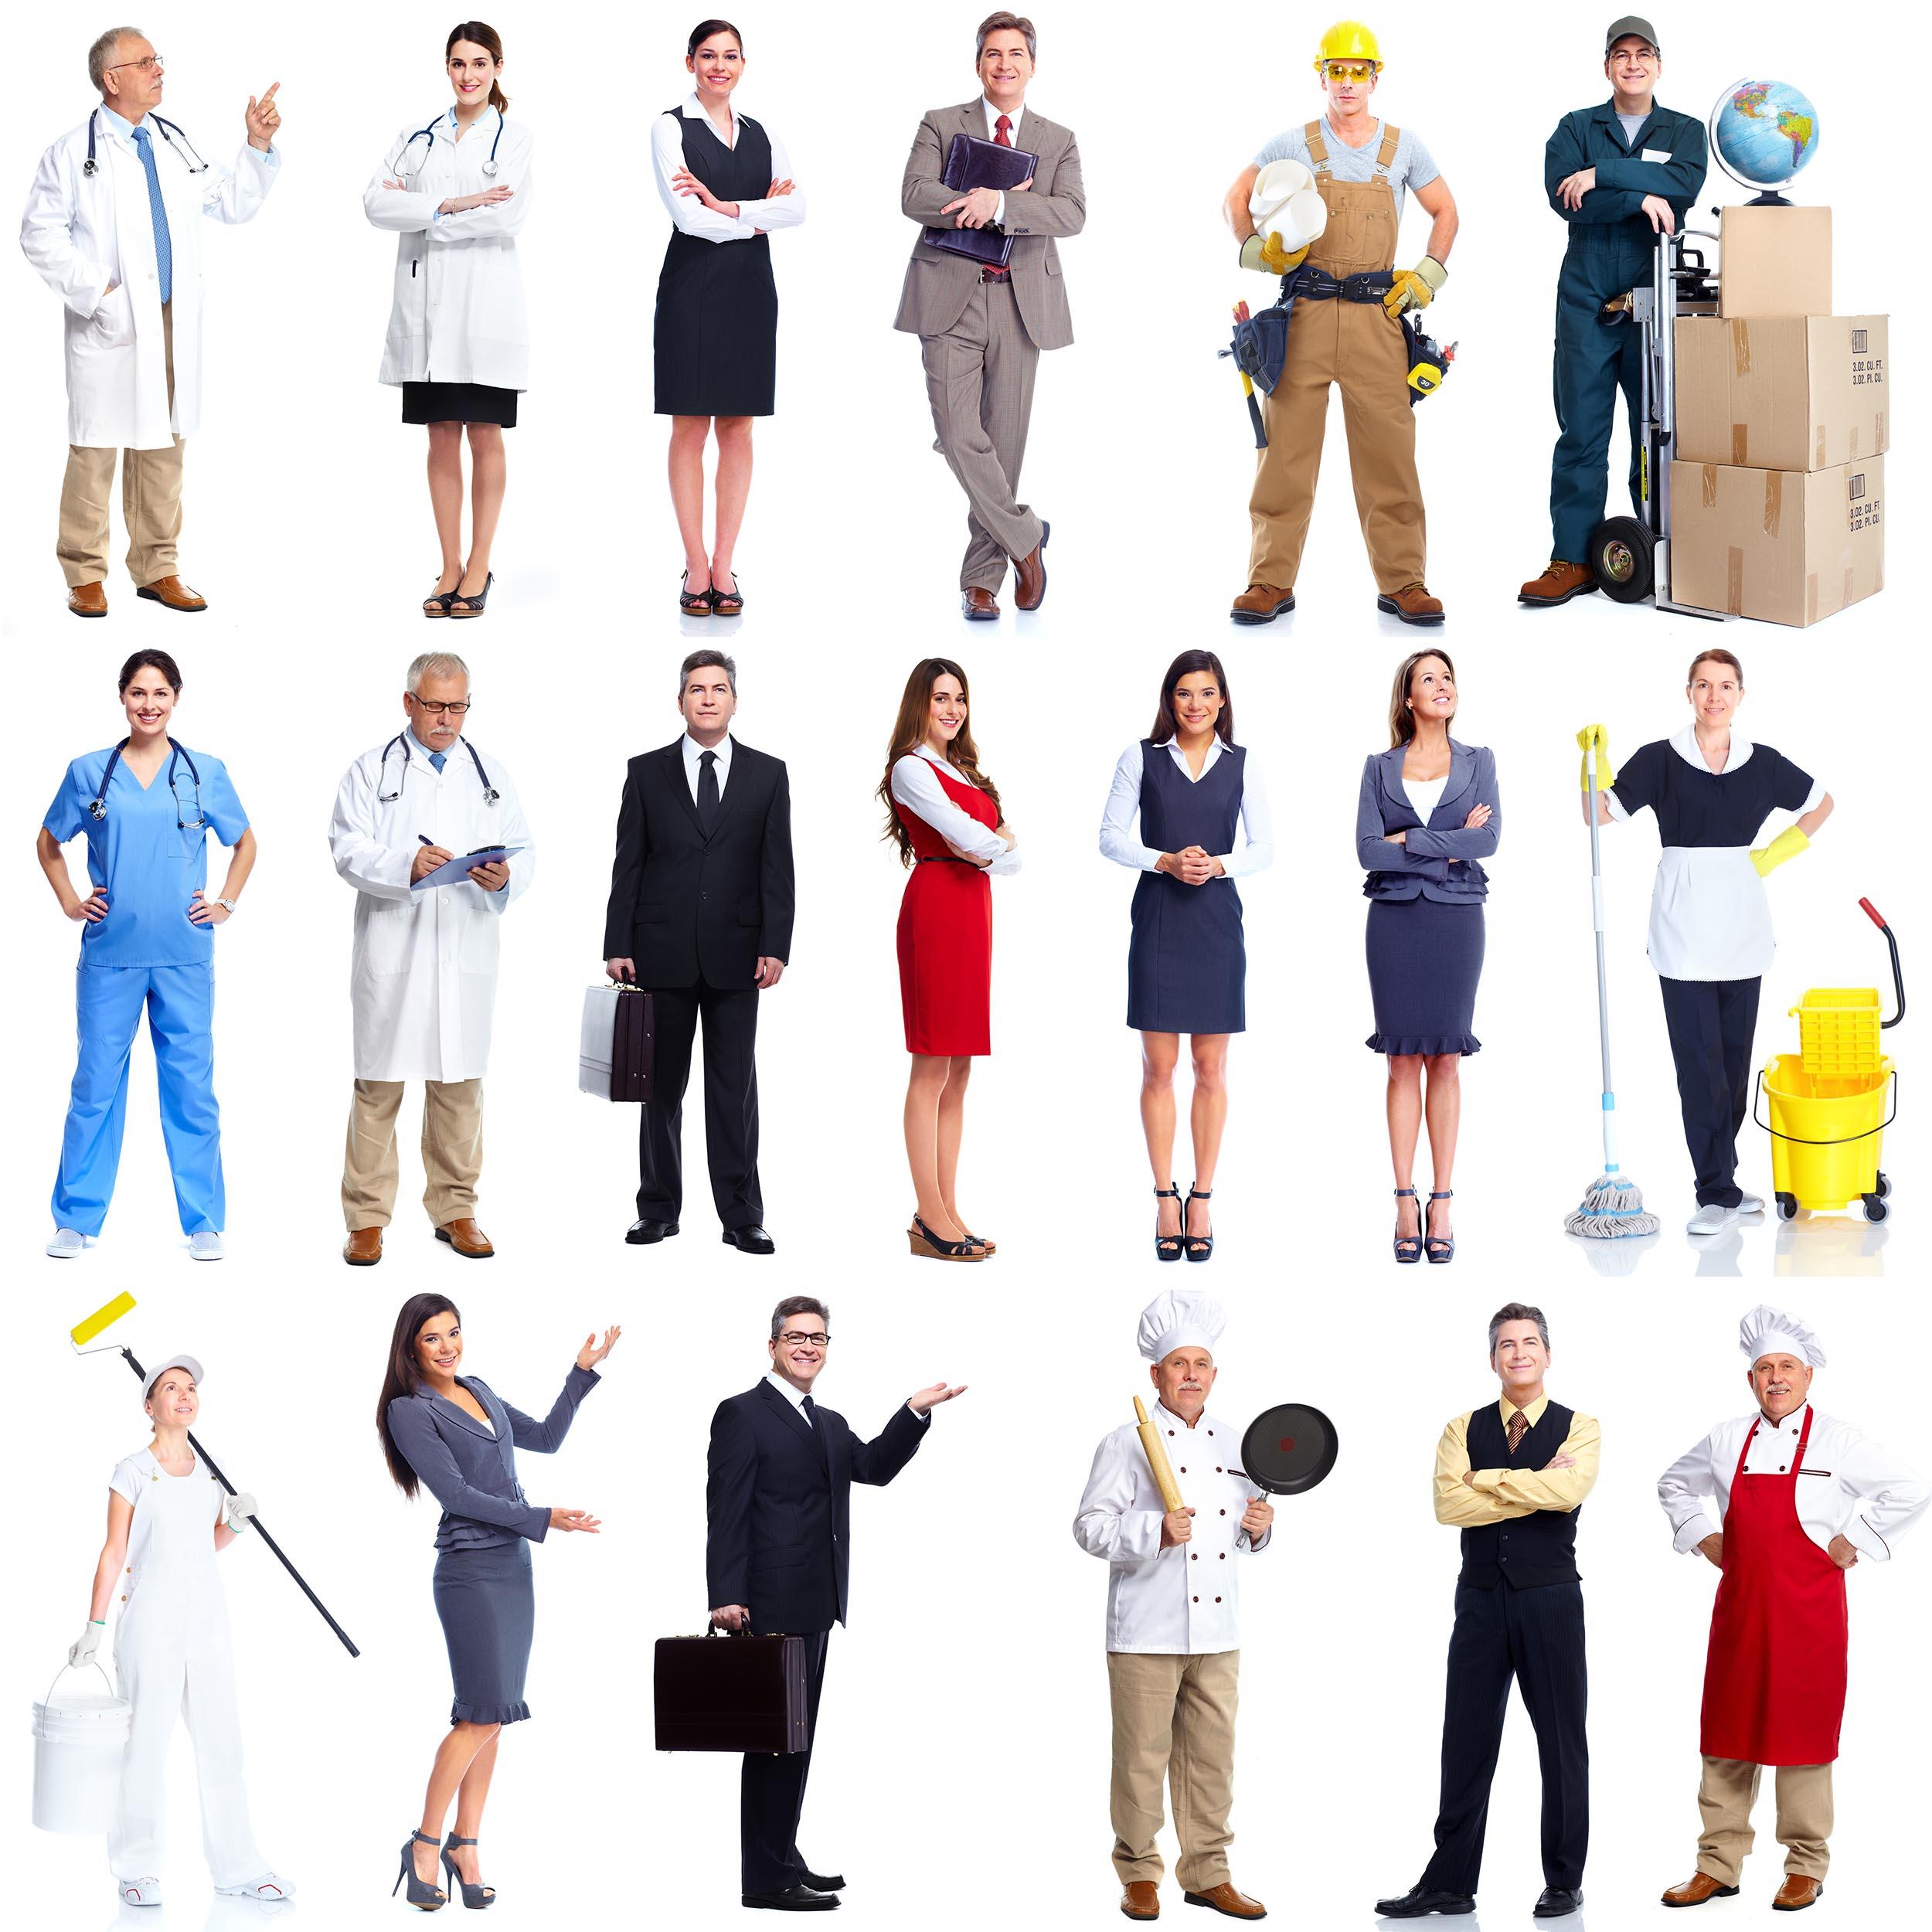 Unterscheidung zwischen Angestellten und Arbeitern